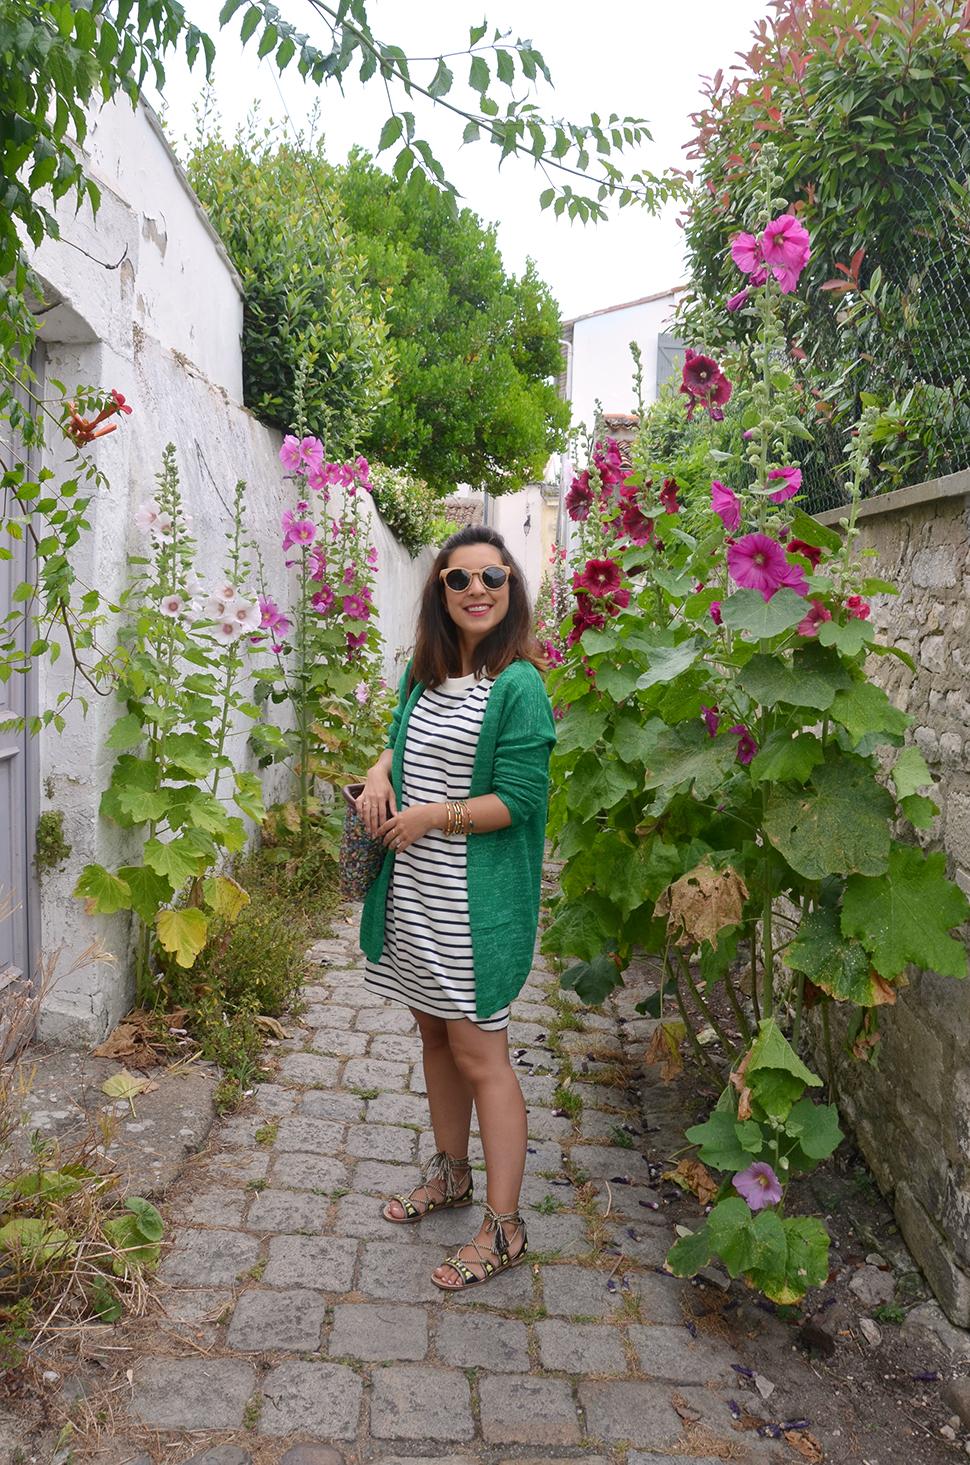 Helloitsvalentine_iledere_vacances_18